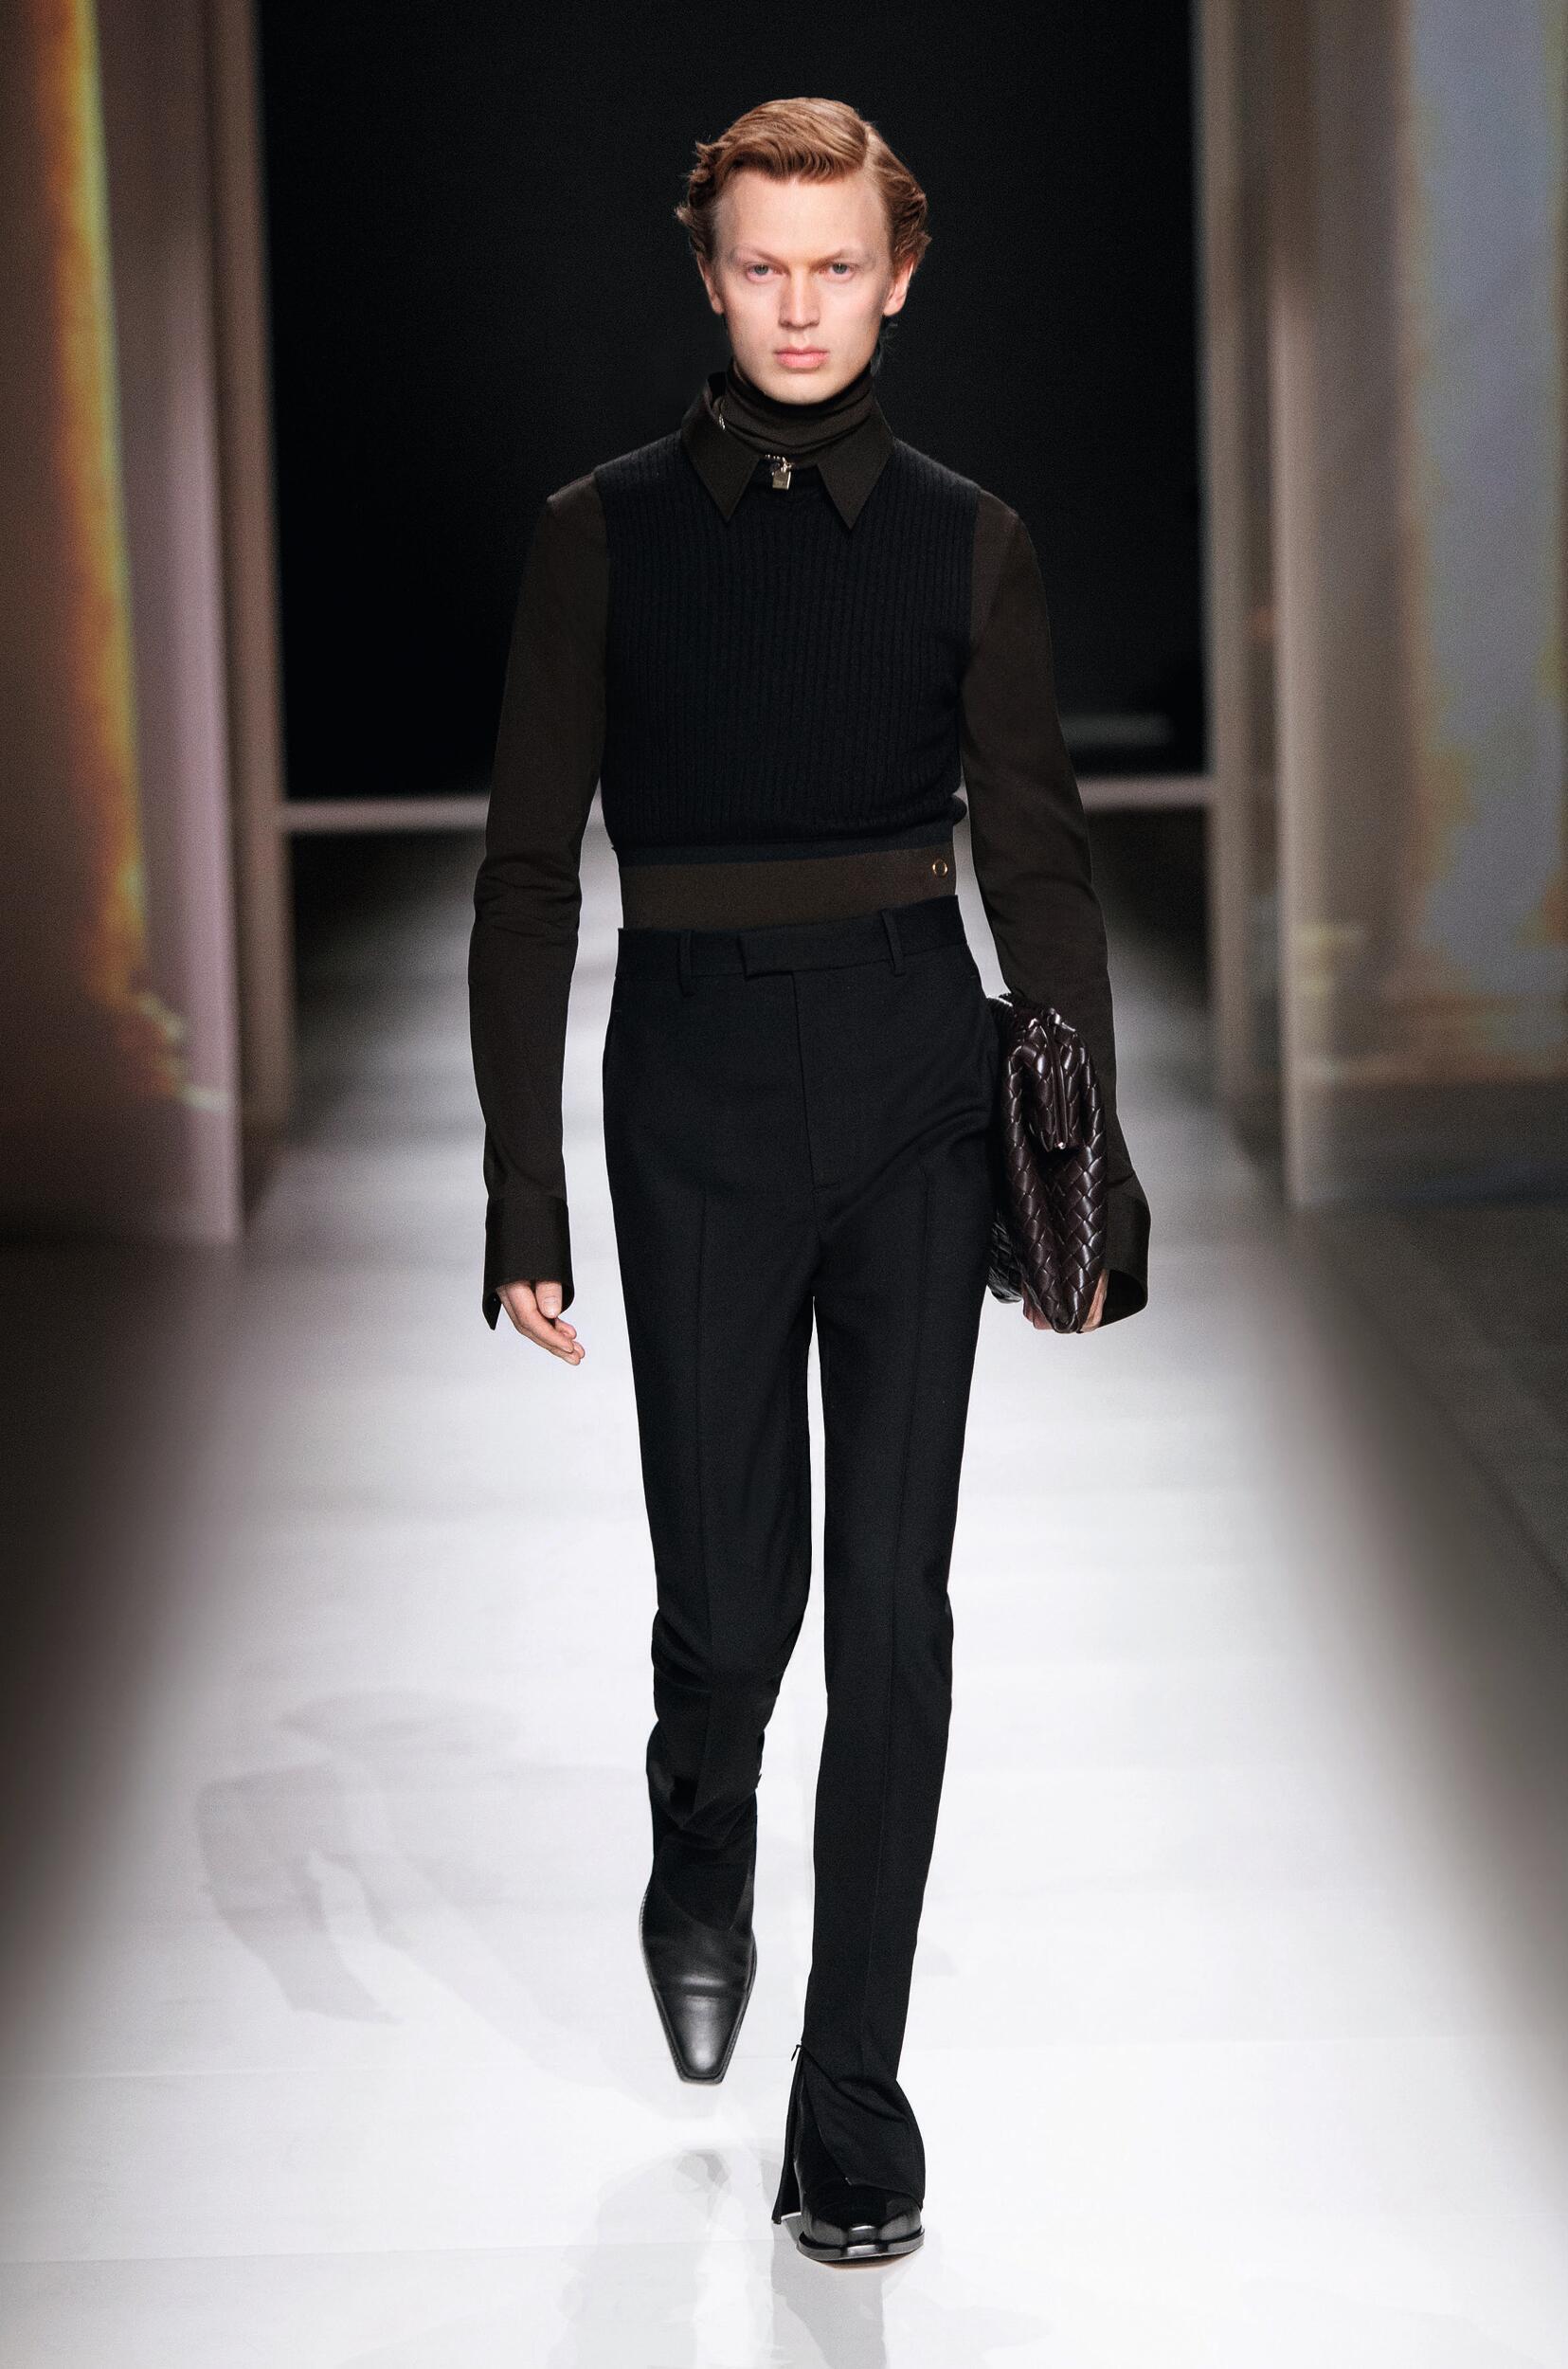 Model Fashion Show Bottega Veneta